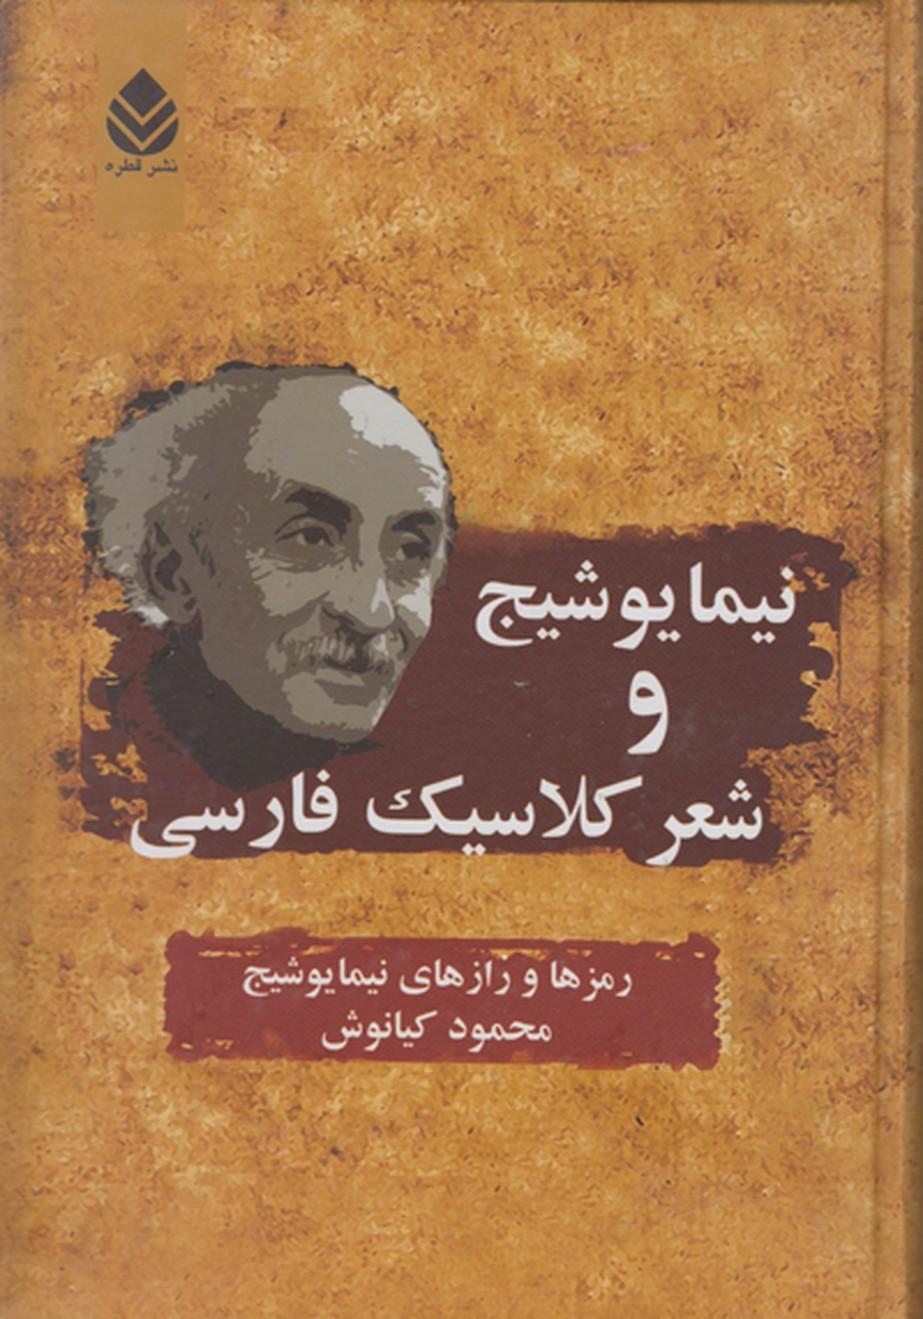 نیما یوشیج و شعرکلاسیک فارسی